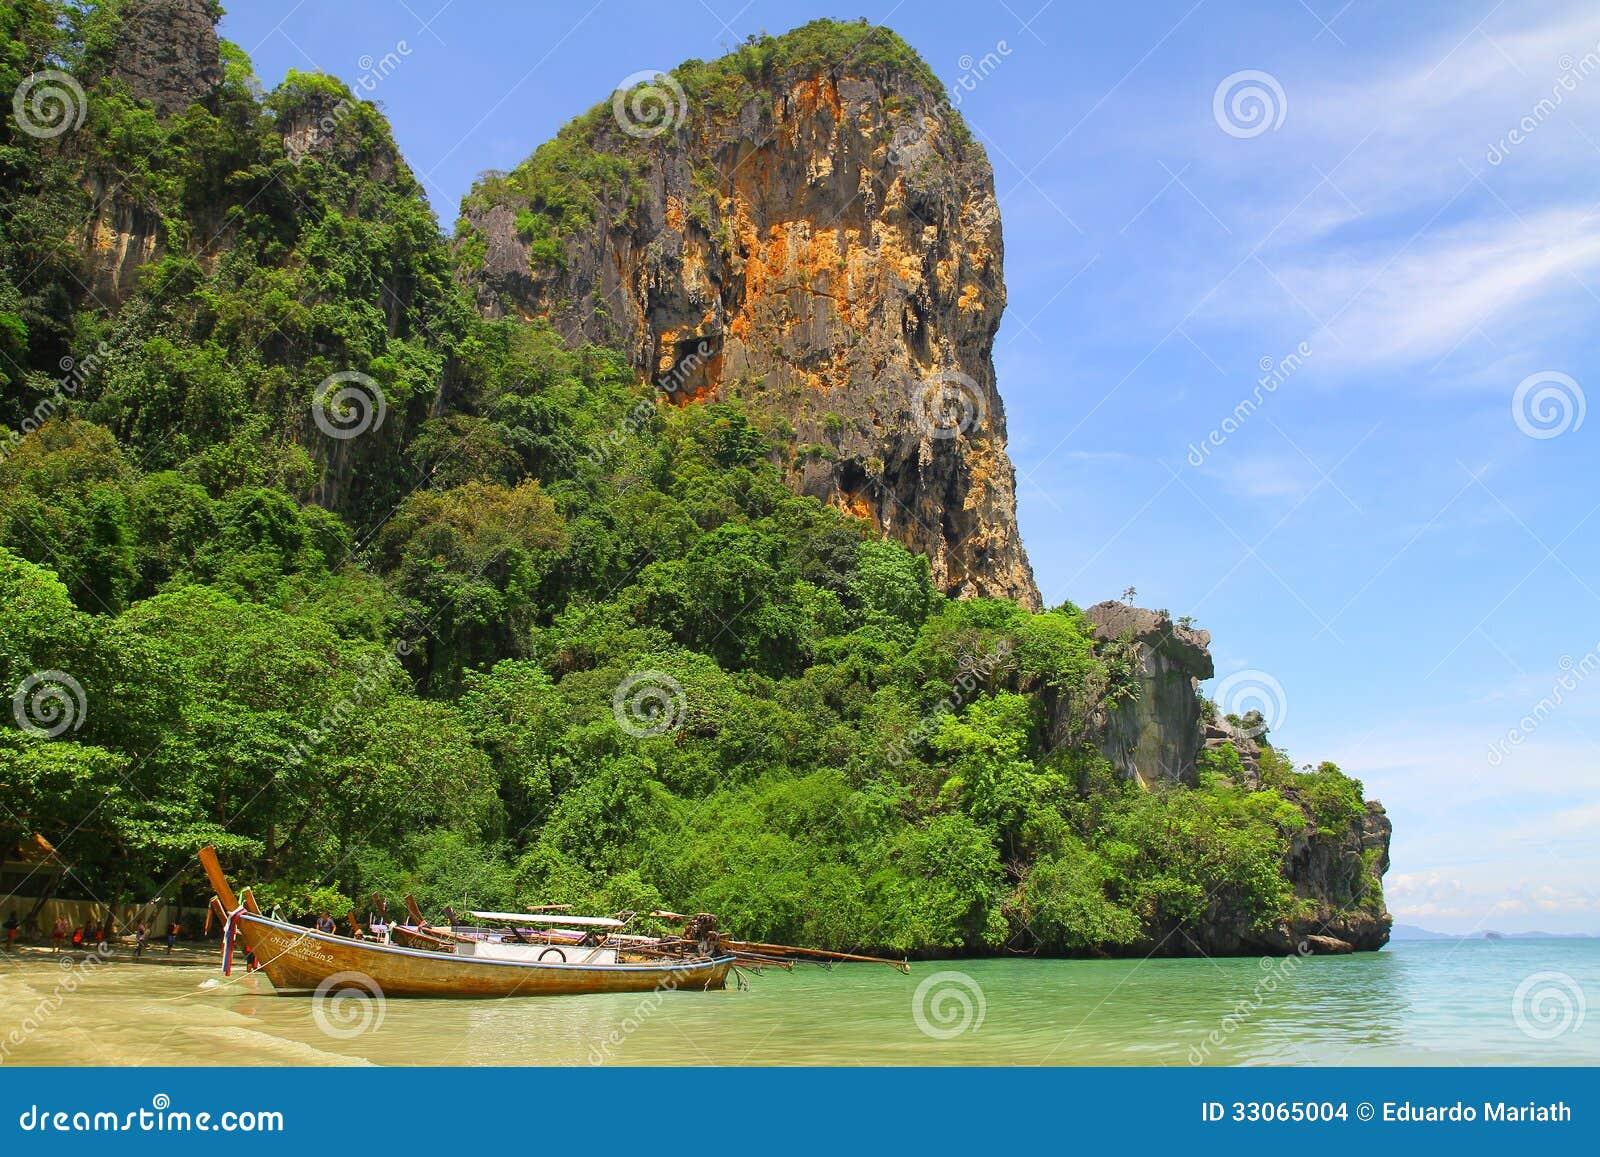 Barco de Longtail en la playa de Railay - Krabi - Tailandia